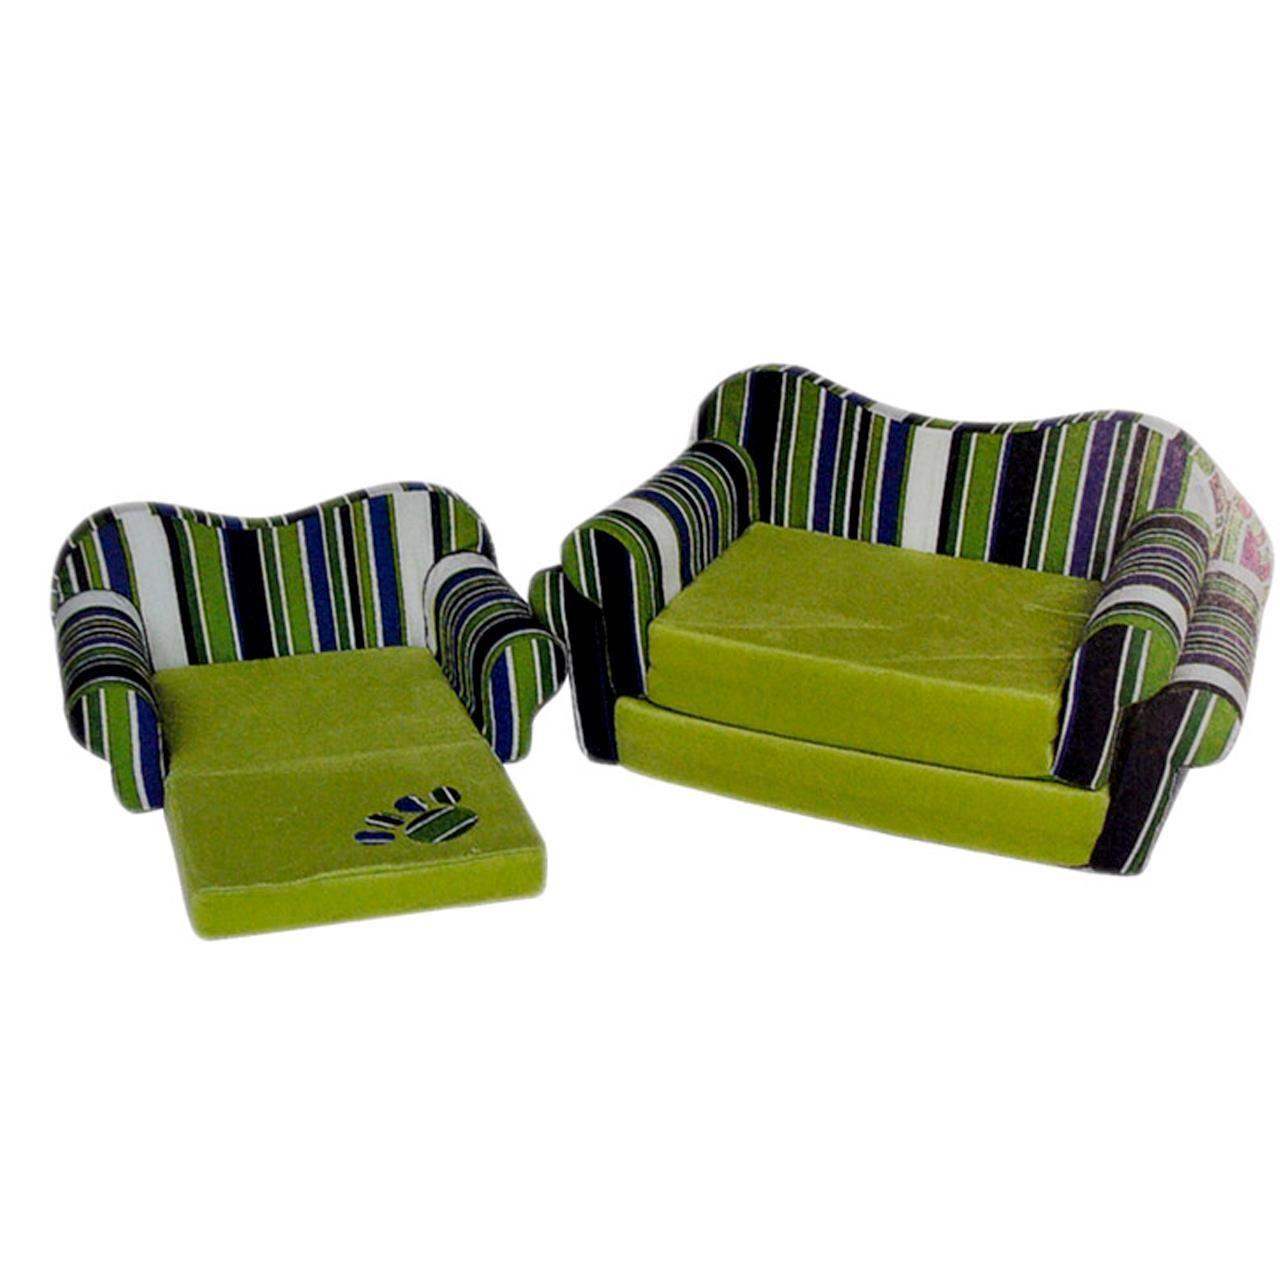 Culcus Canapea Textila Pentru Caini si Pisici M shop4pet.ro